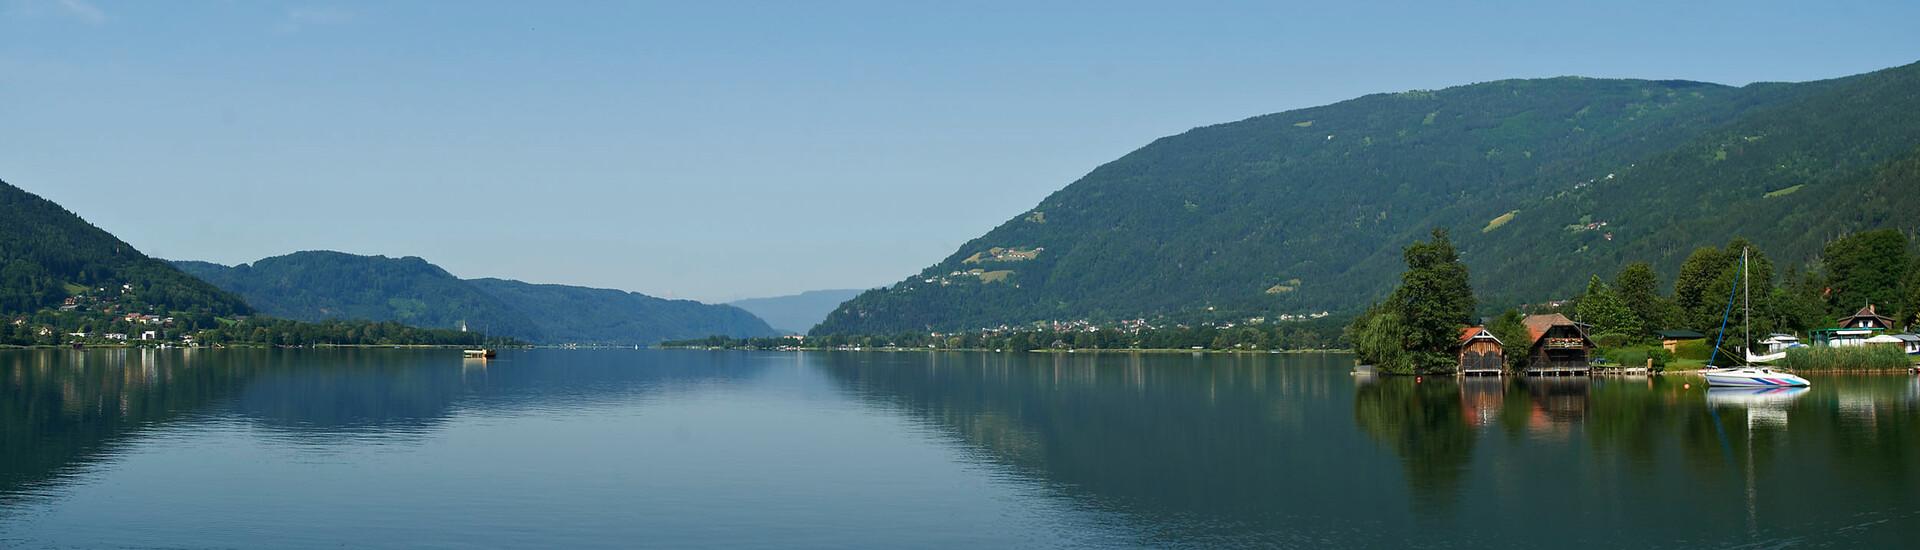 Landschaftsaufnahme vom Ossiacher See